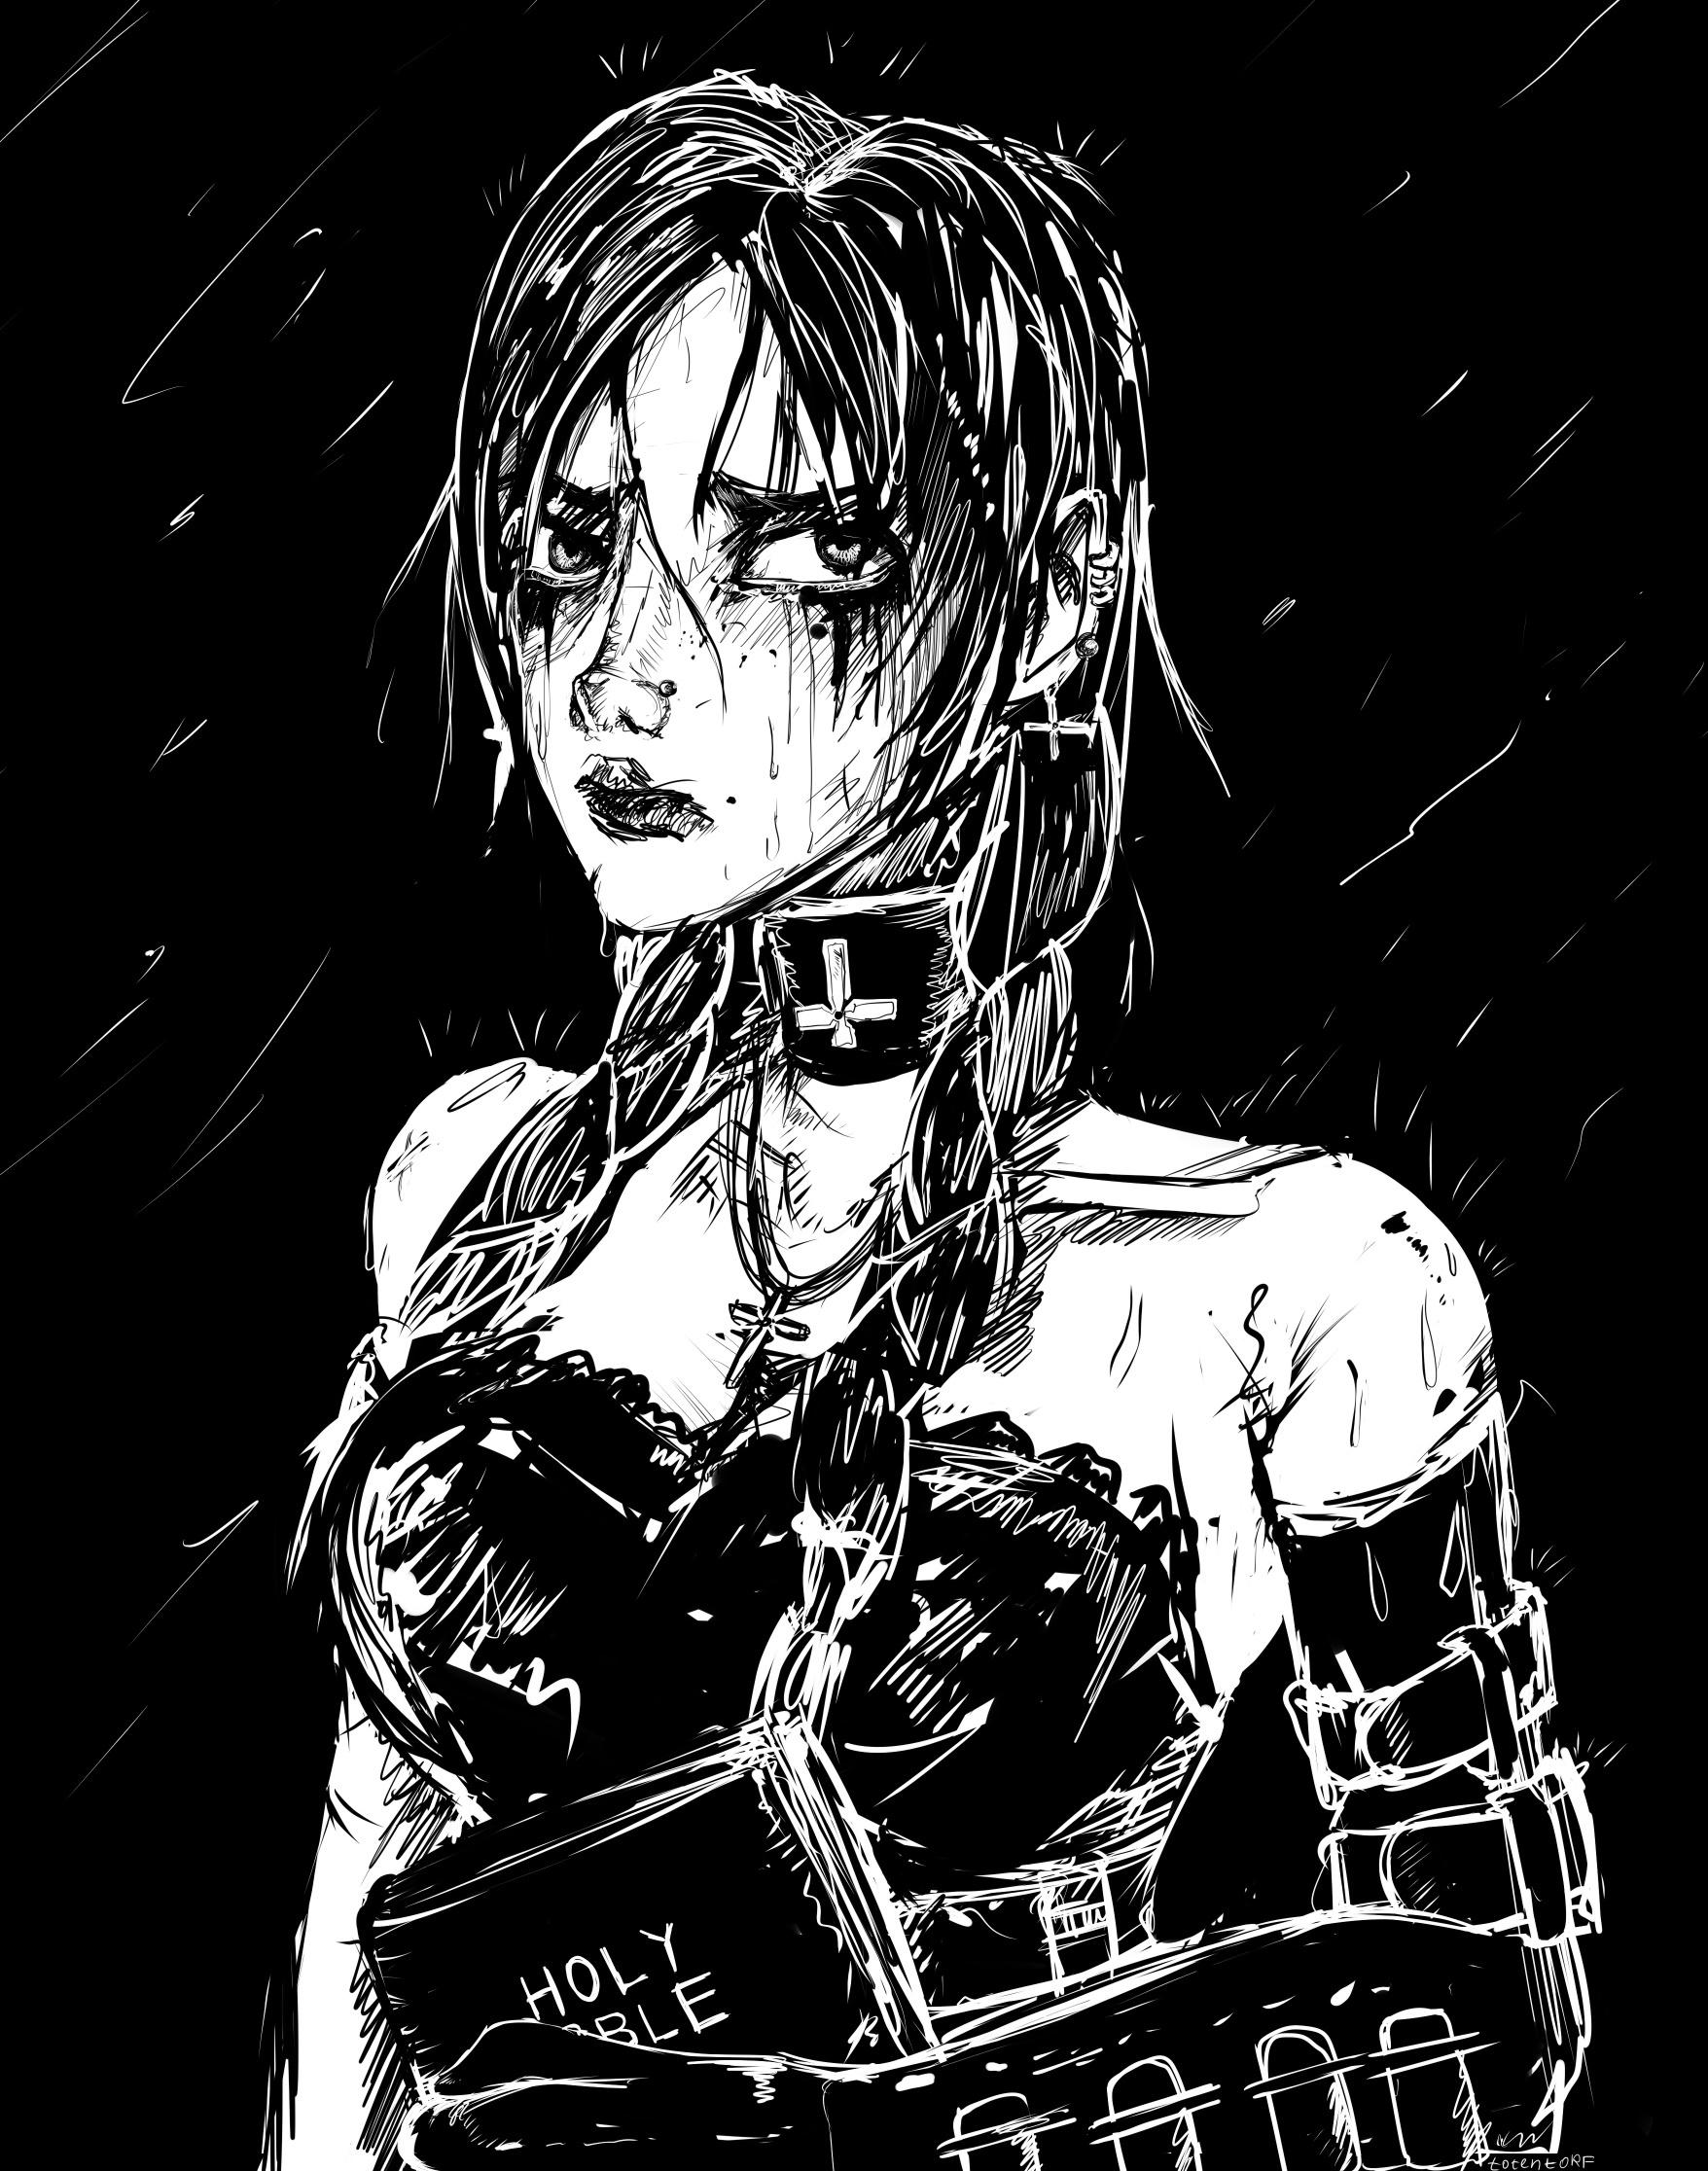 Random gothic girl